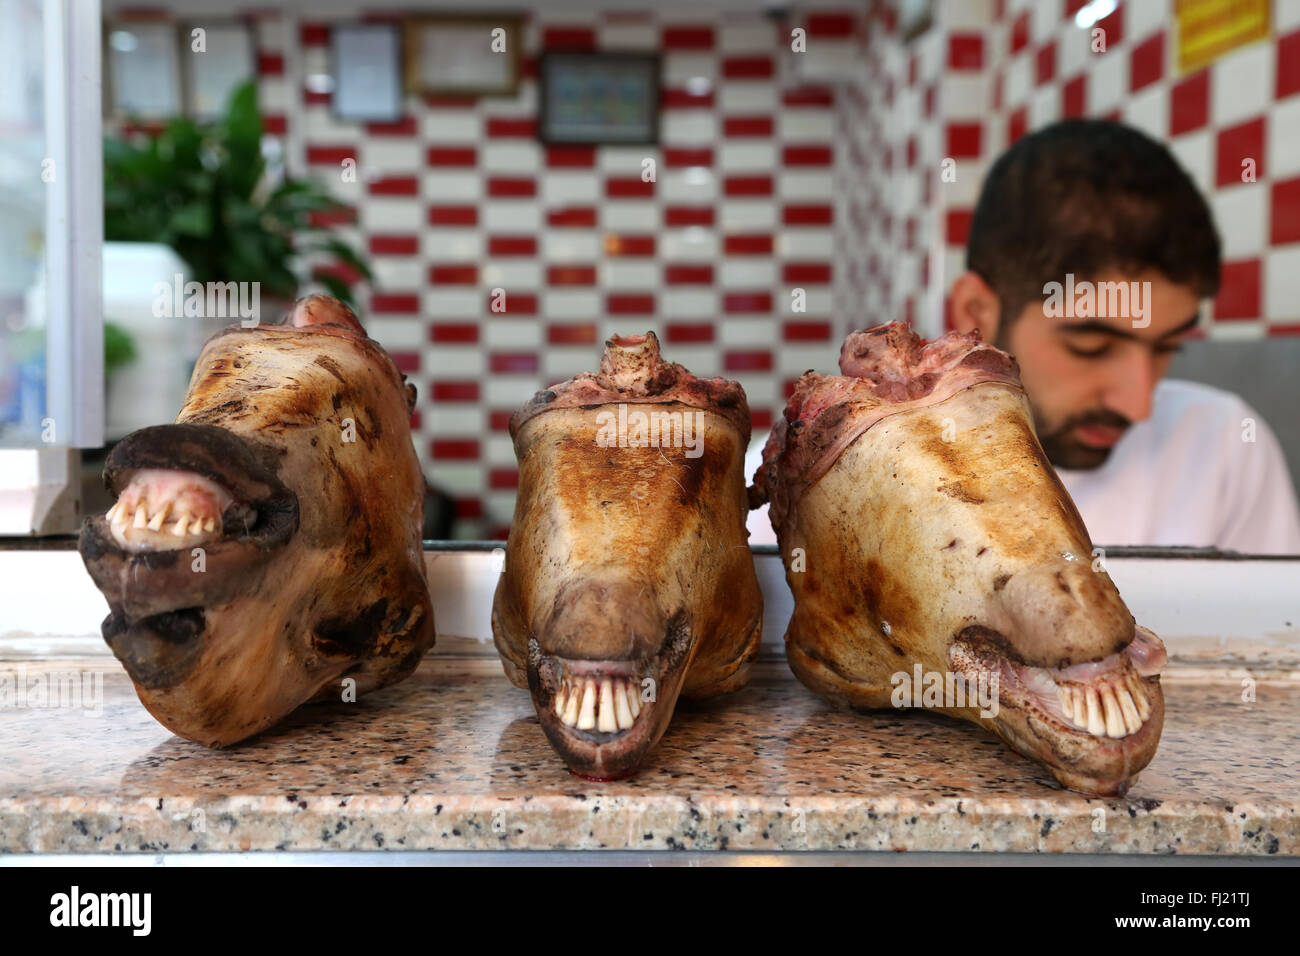 Cabeza de carnero para su venta en las carnicerías en Estambul, Turquía Imagen De Stock